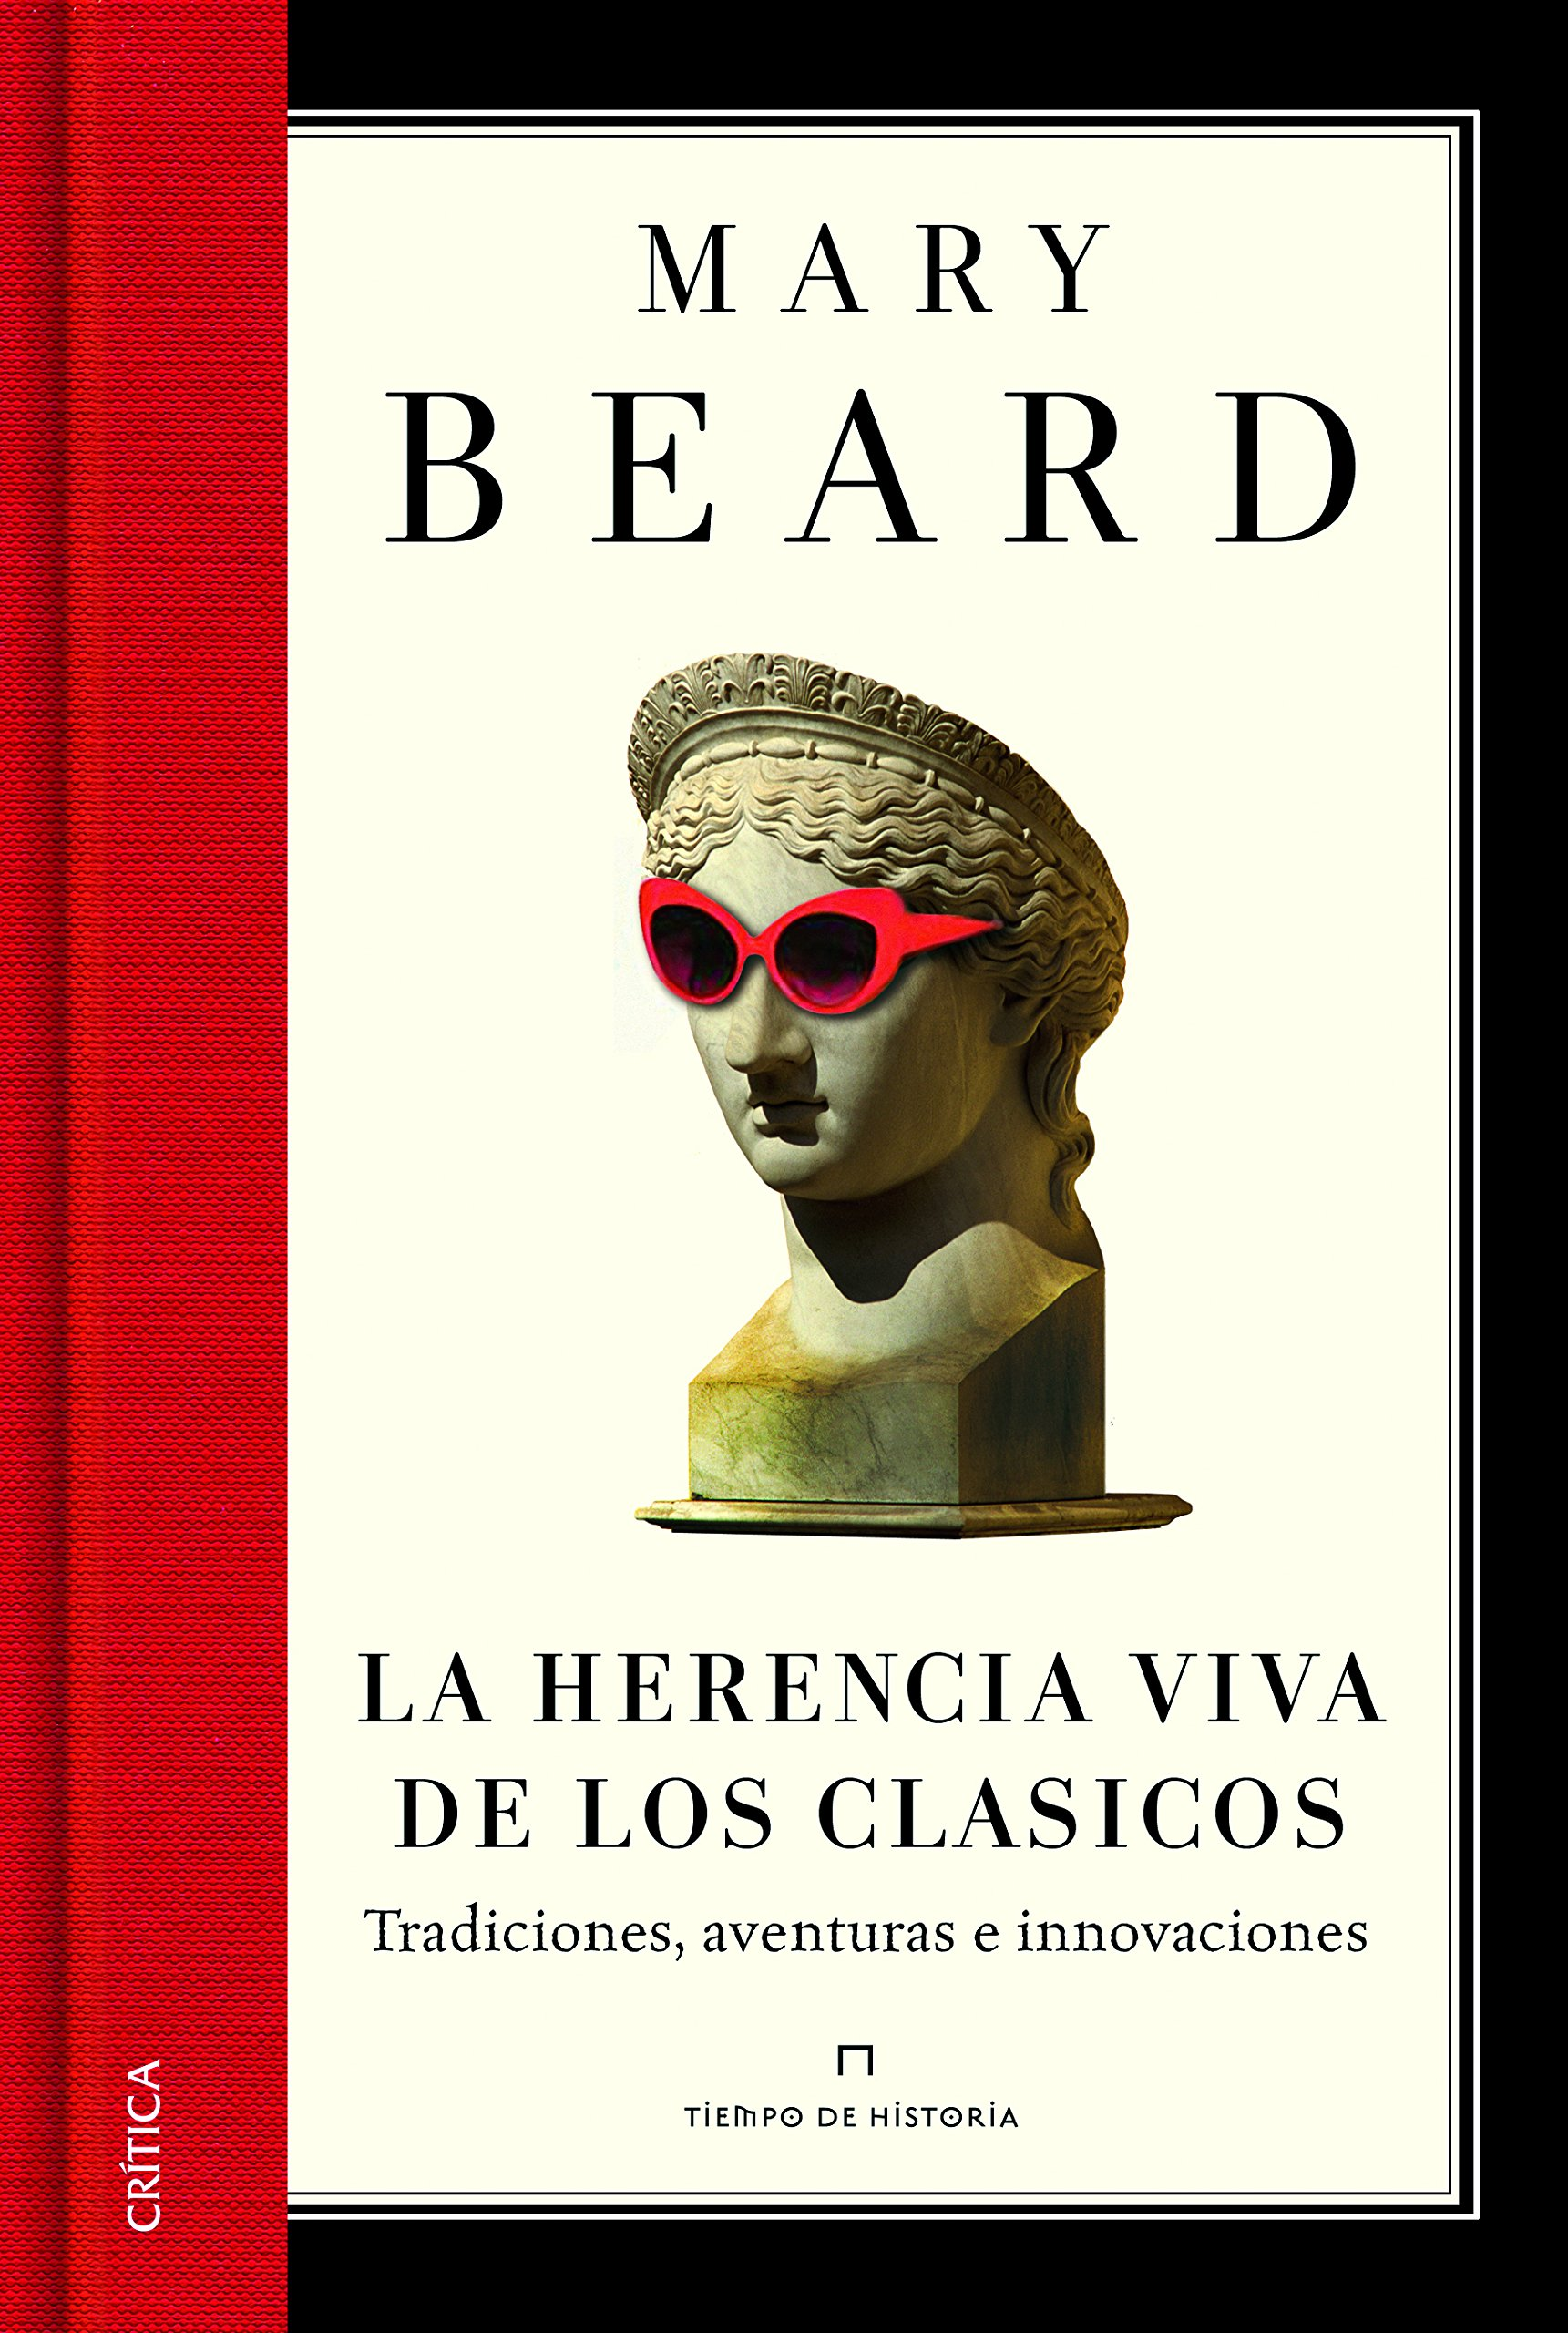 La herencia viva de los cl�sicos: Tradiciones, aventuras e innovaciones ISBN-13 9788498926163